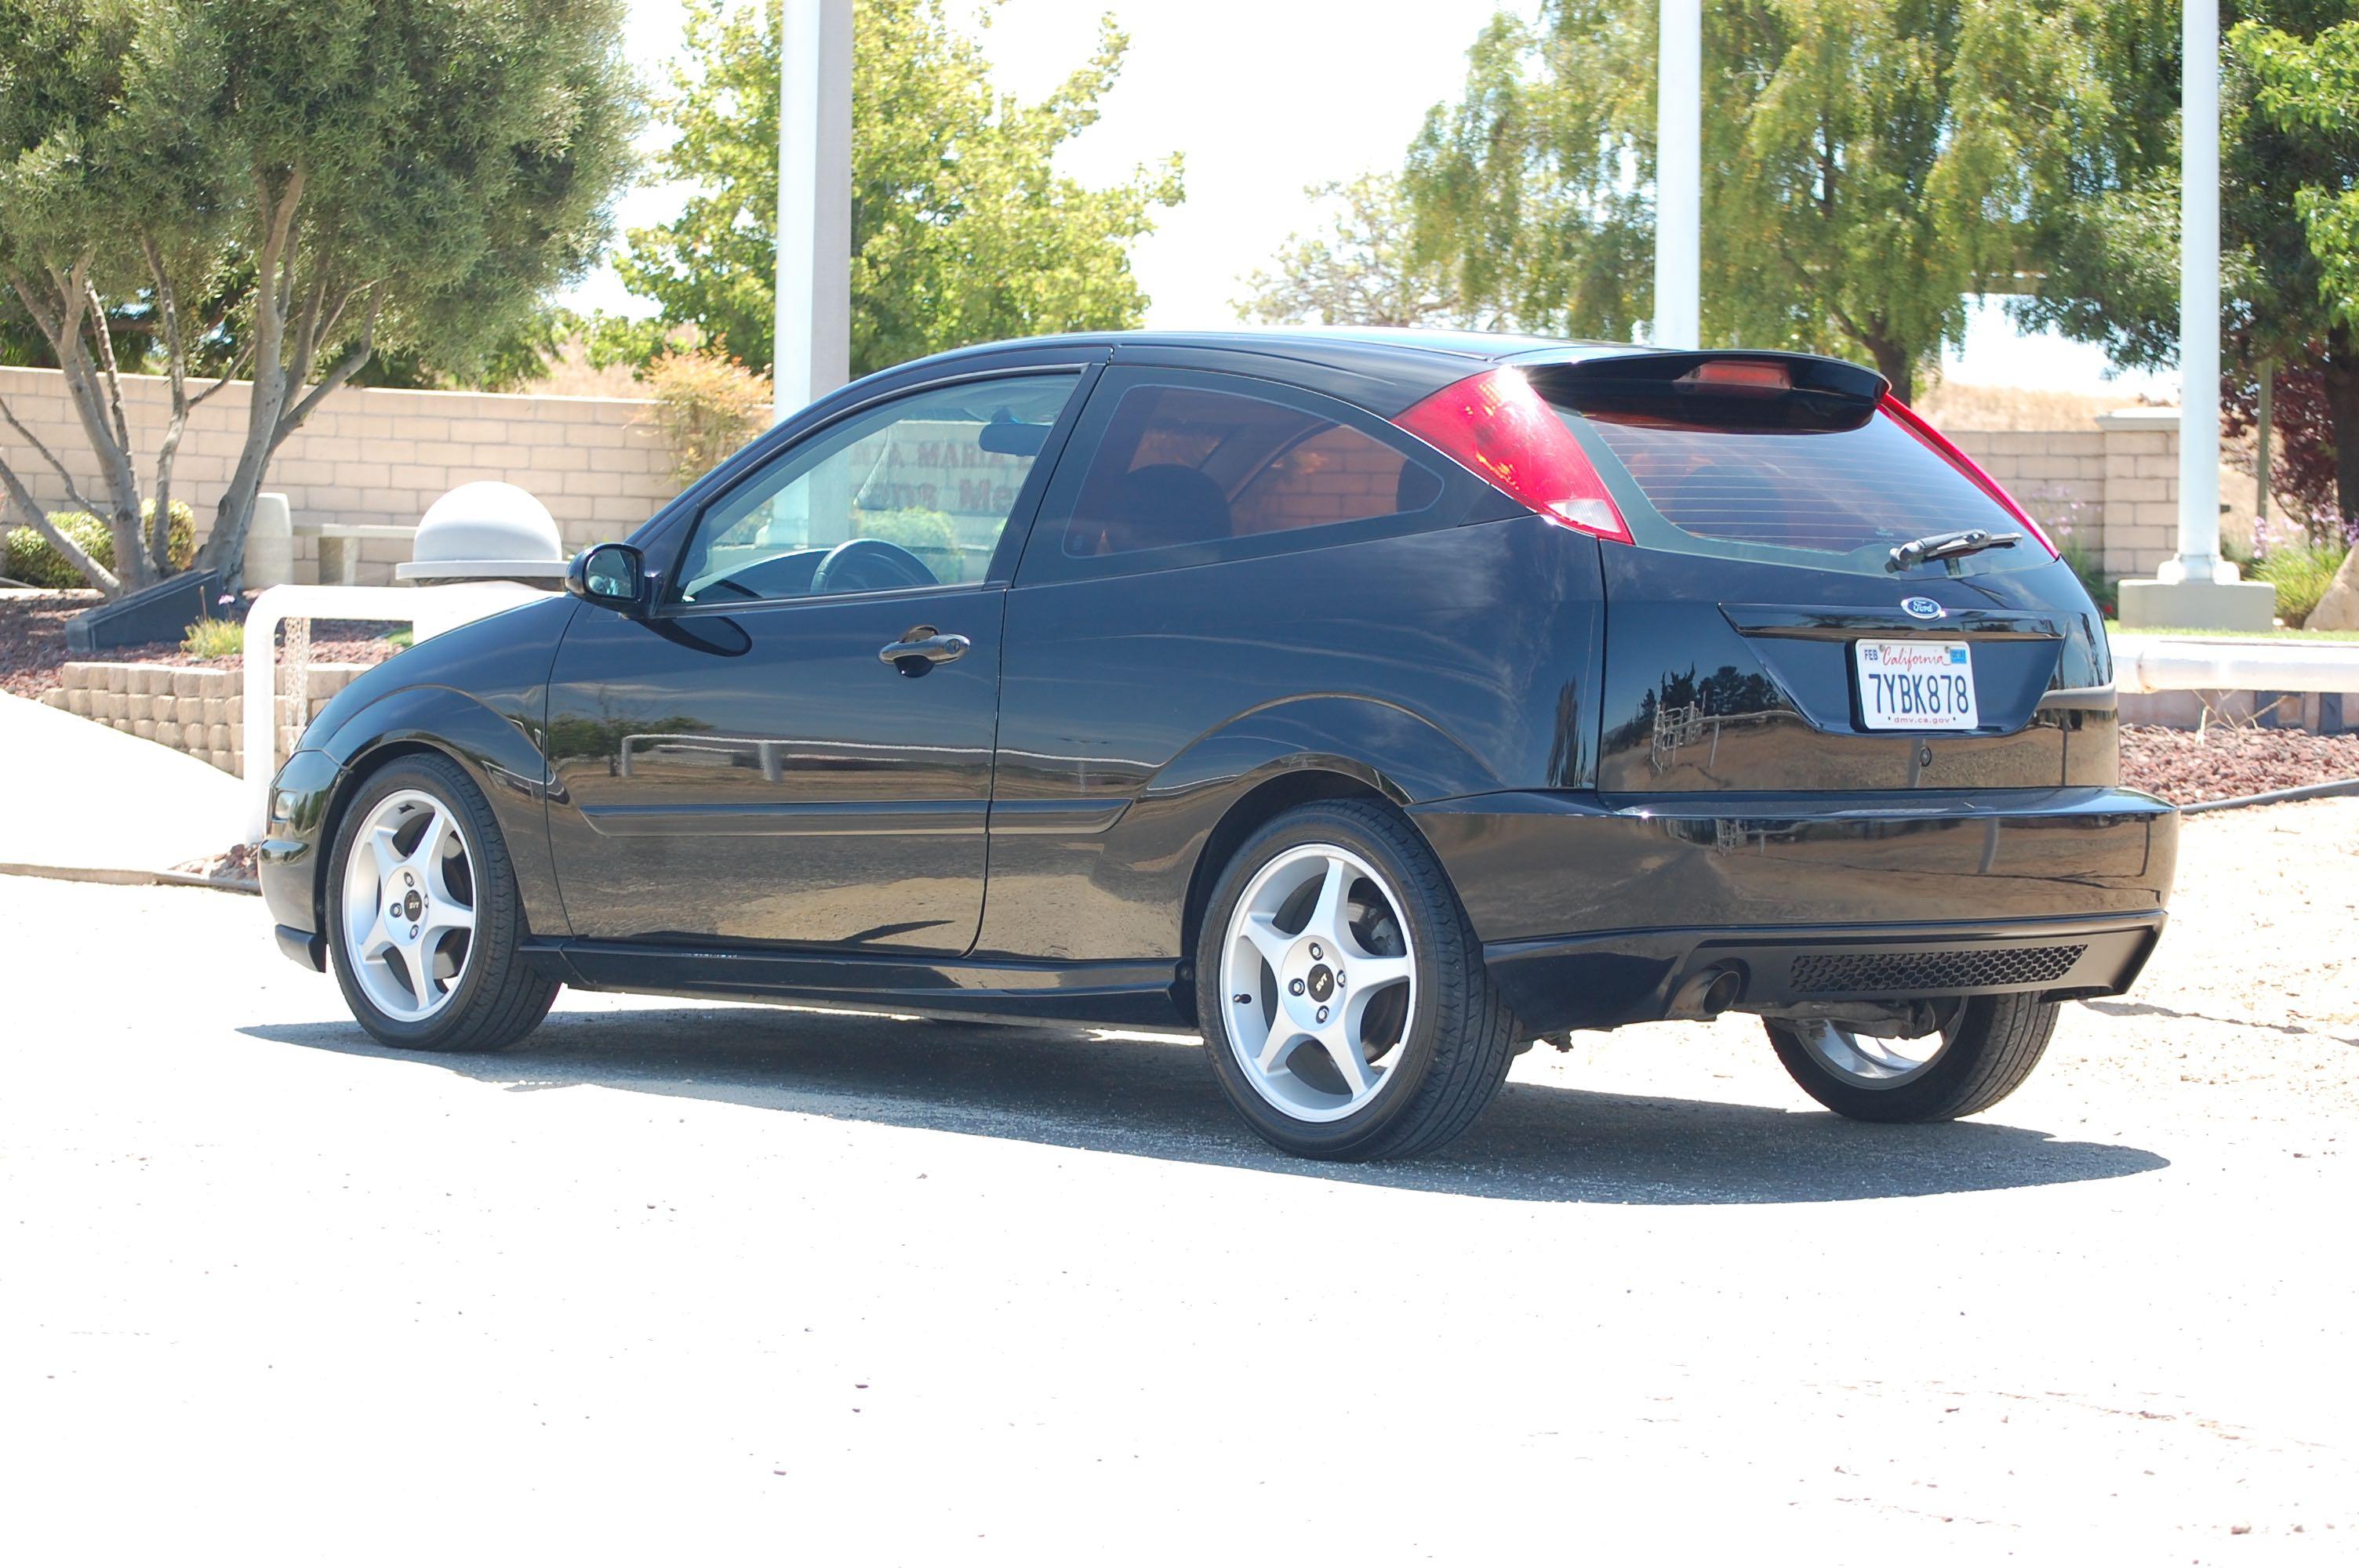 2003 SVTF, Ebony Black, Central CA.-dsc_0807-copy.jpg